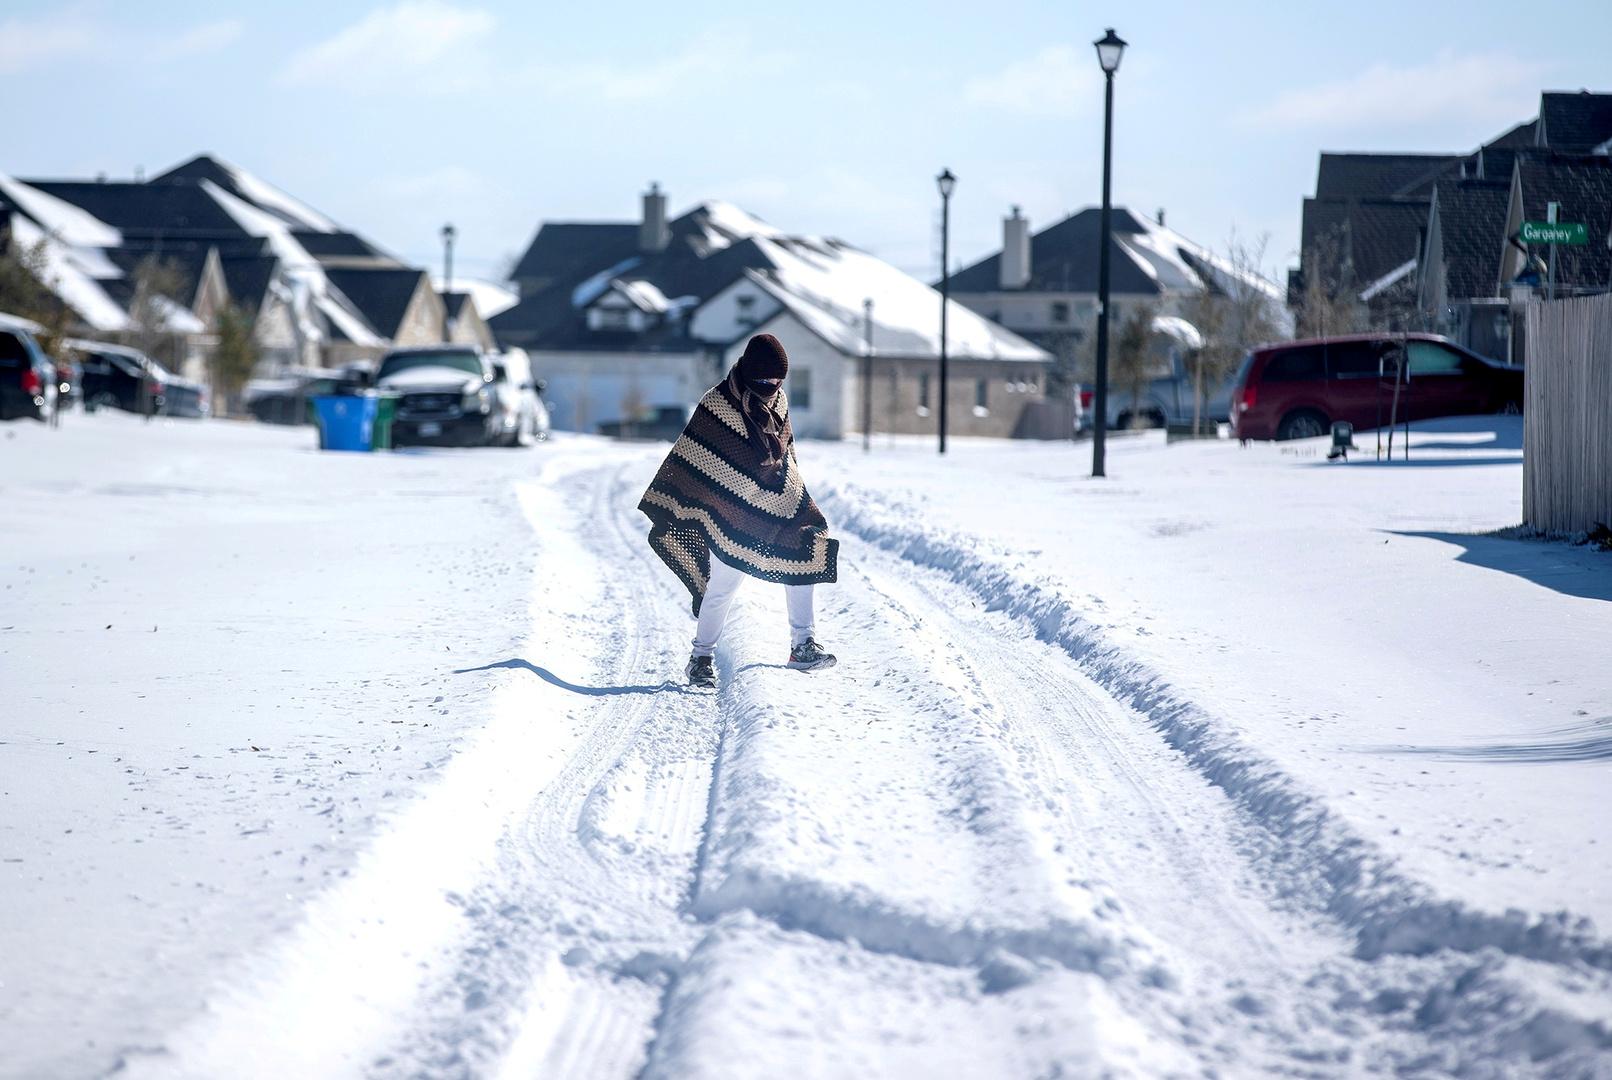 عشرات الآلاف في تكساس الأمريكية يبقون دون كهرباء وقيمة فواتيرها تصل إلى 5000 دولار في 5 أيام